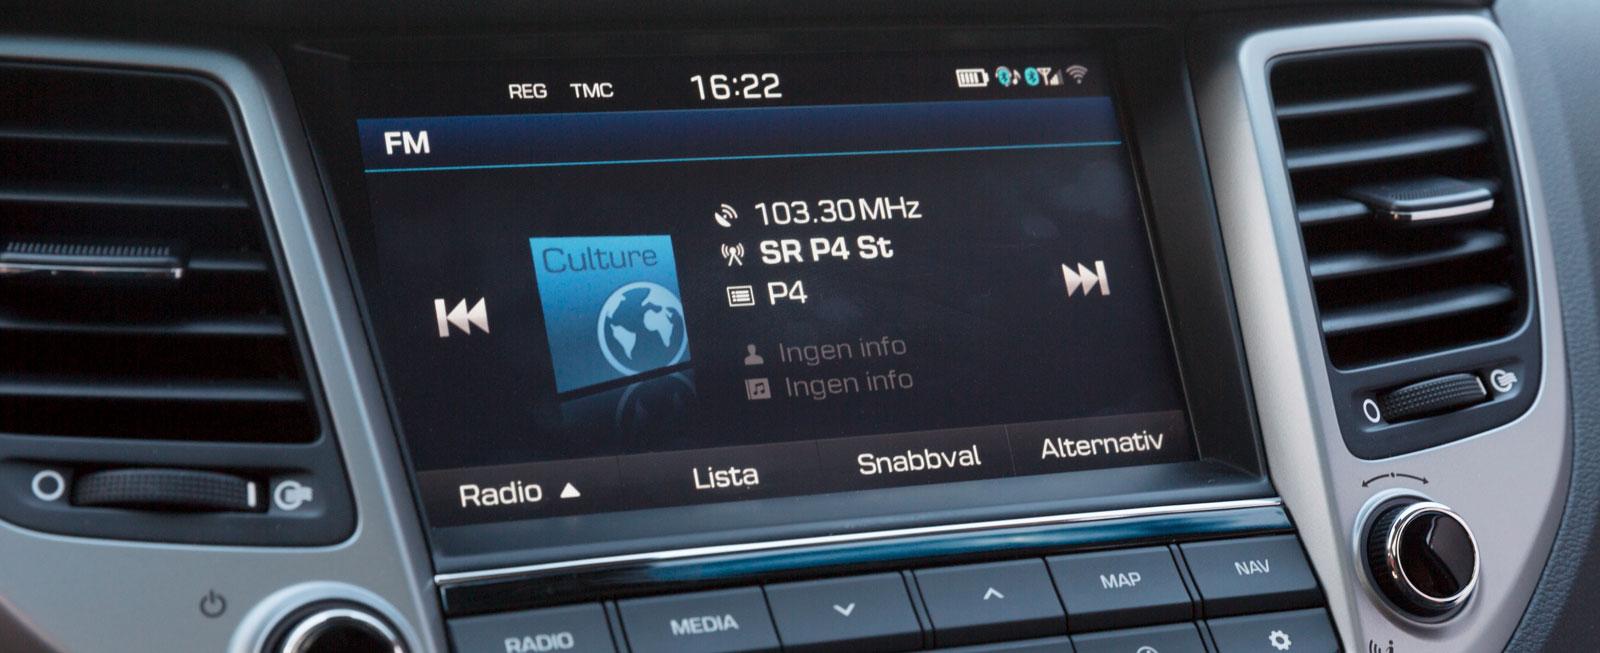 I Tucson Premium ingår en åttatums-display med navigationssystem, skyltavläsning och backkamera. Standard är 3,8 tum. TomTom Live-tjänst med trafikinfo ingår.